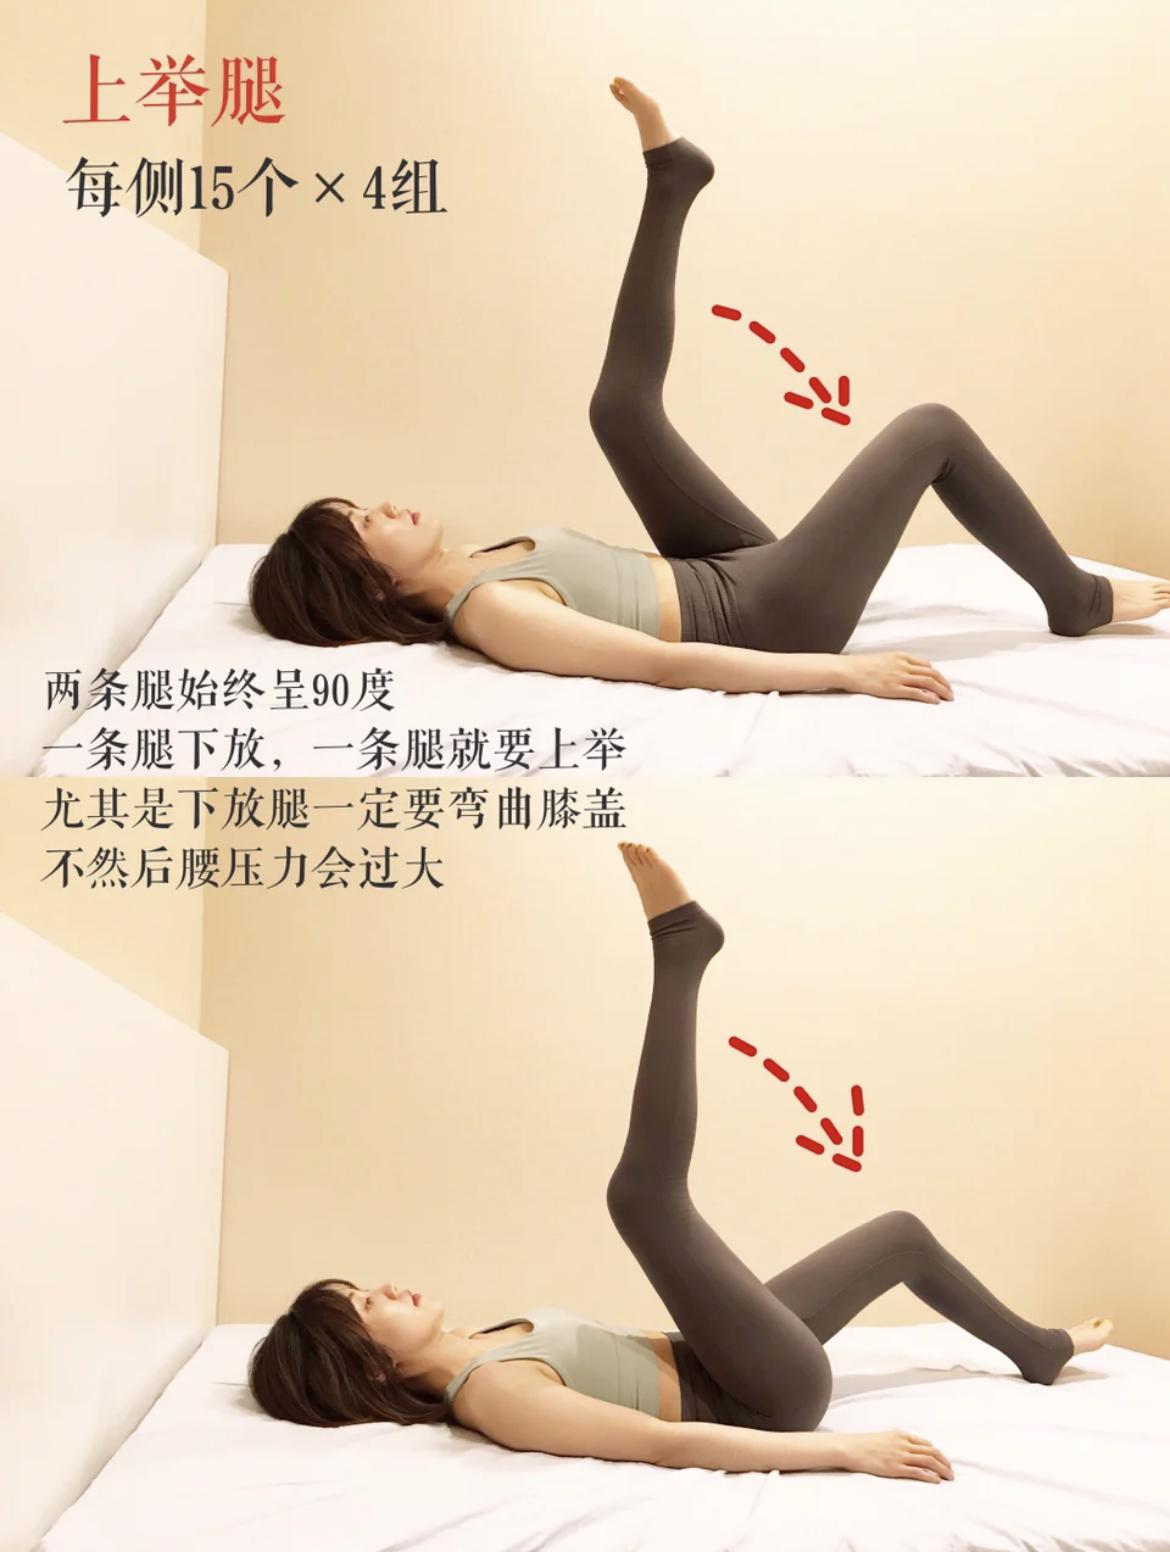 動作二 上舉腿。